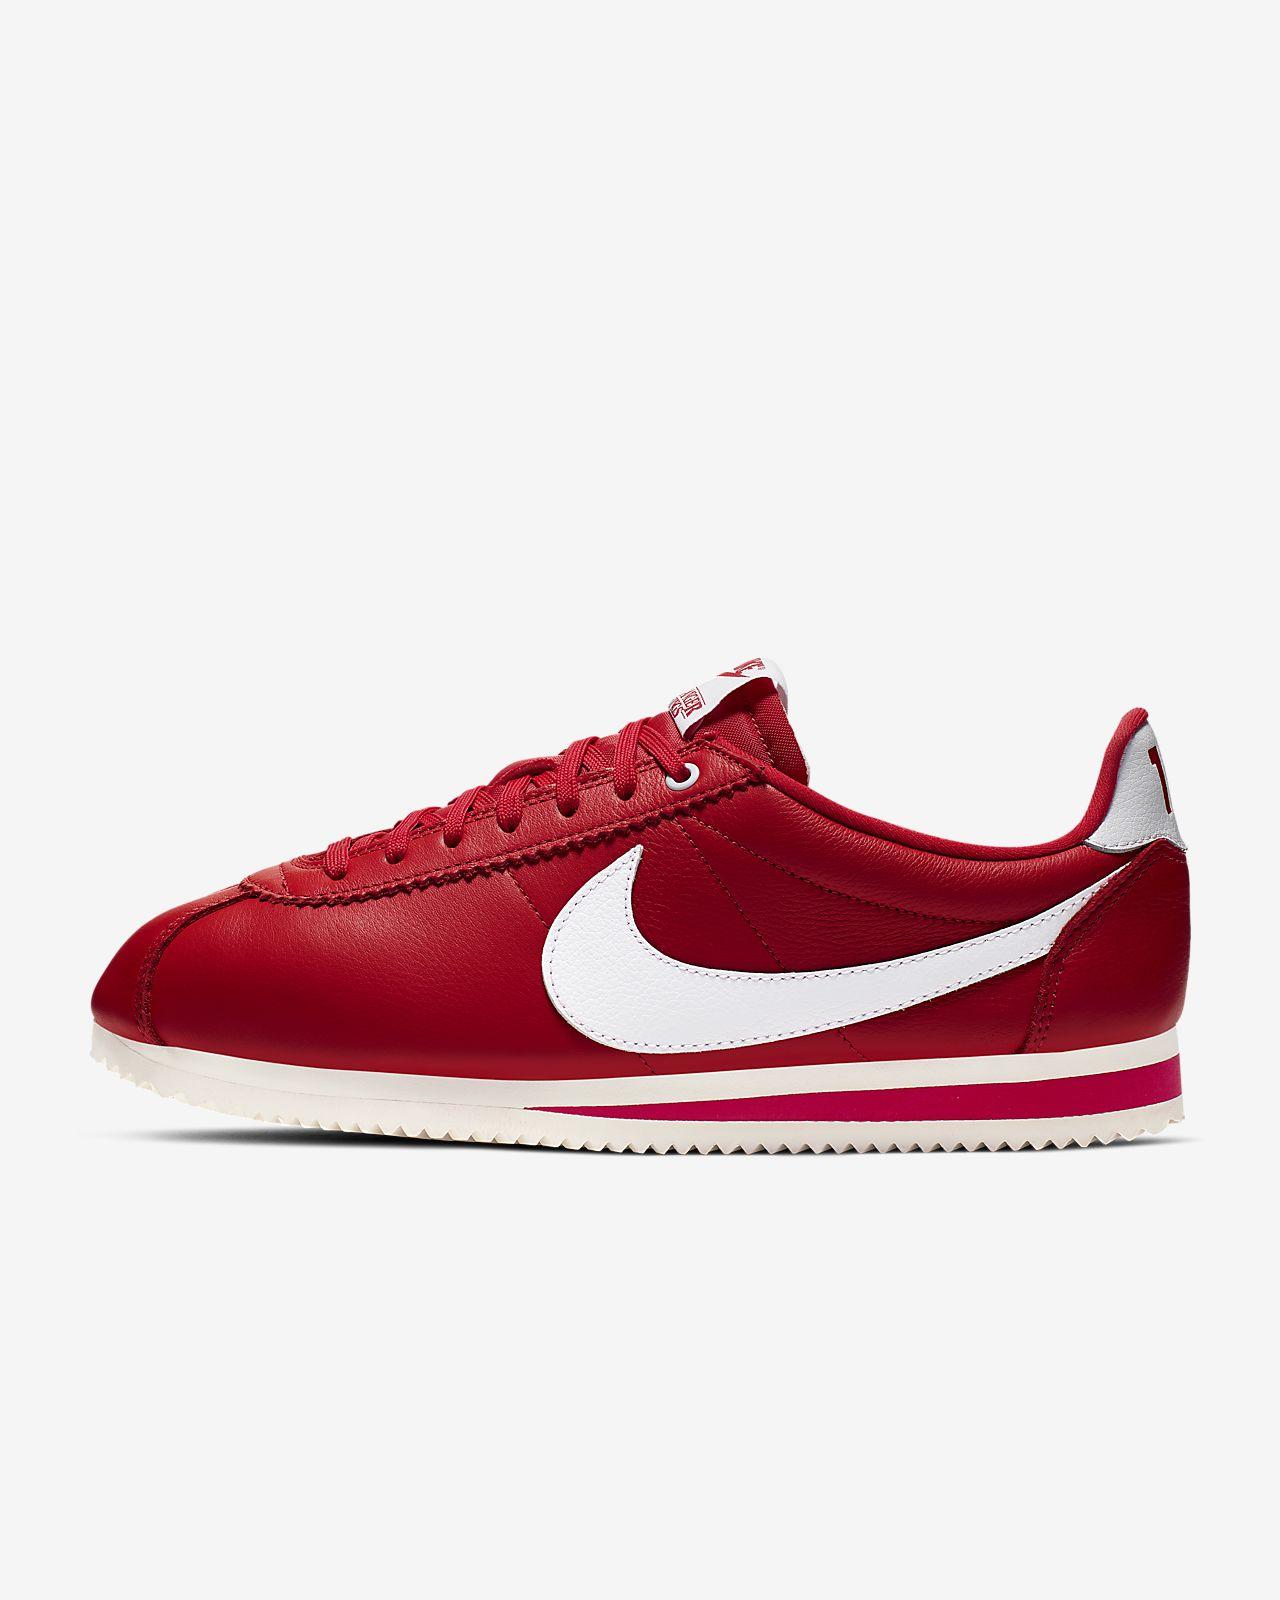 รองเท้าผู้ชาย Nike x Stranger Things Cortez (4th of July)